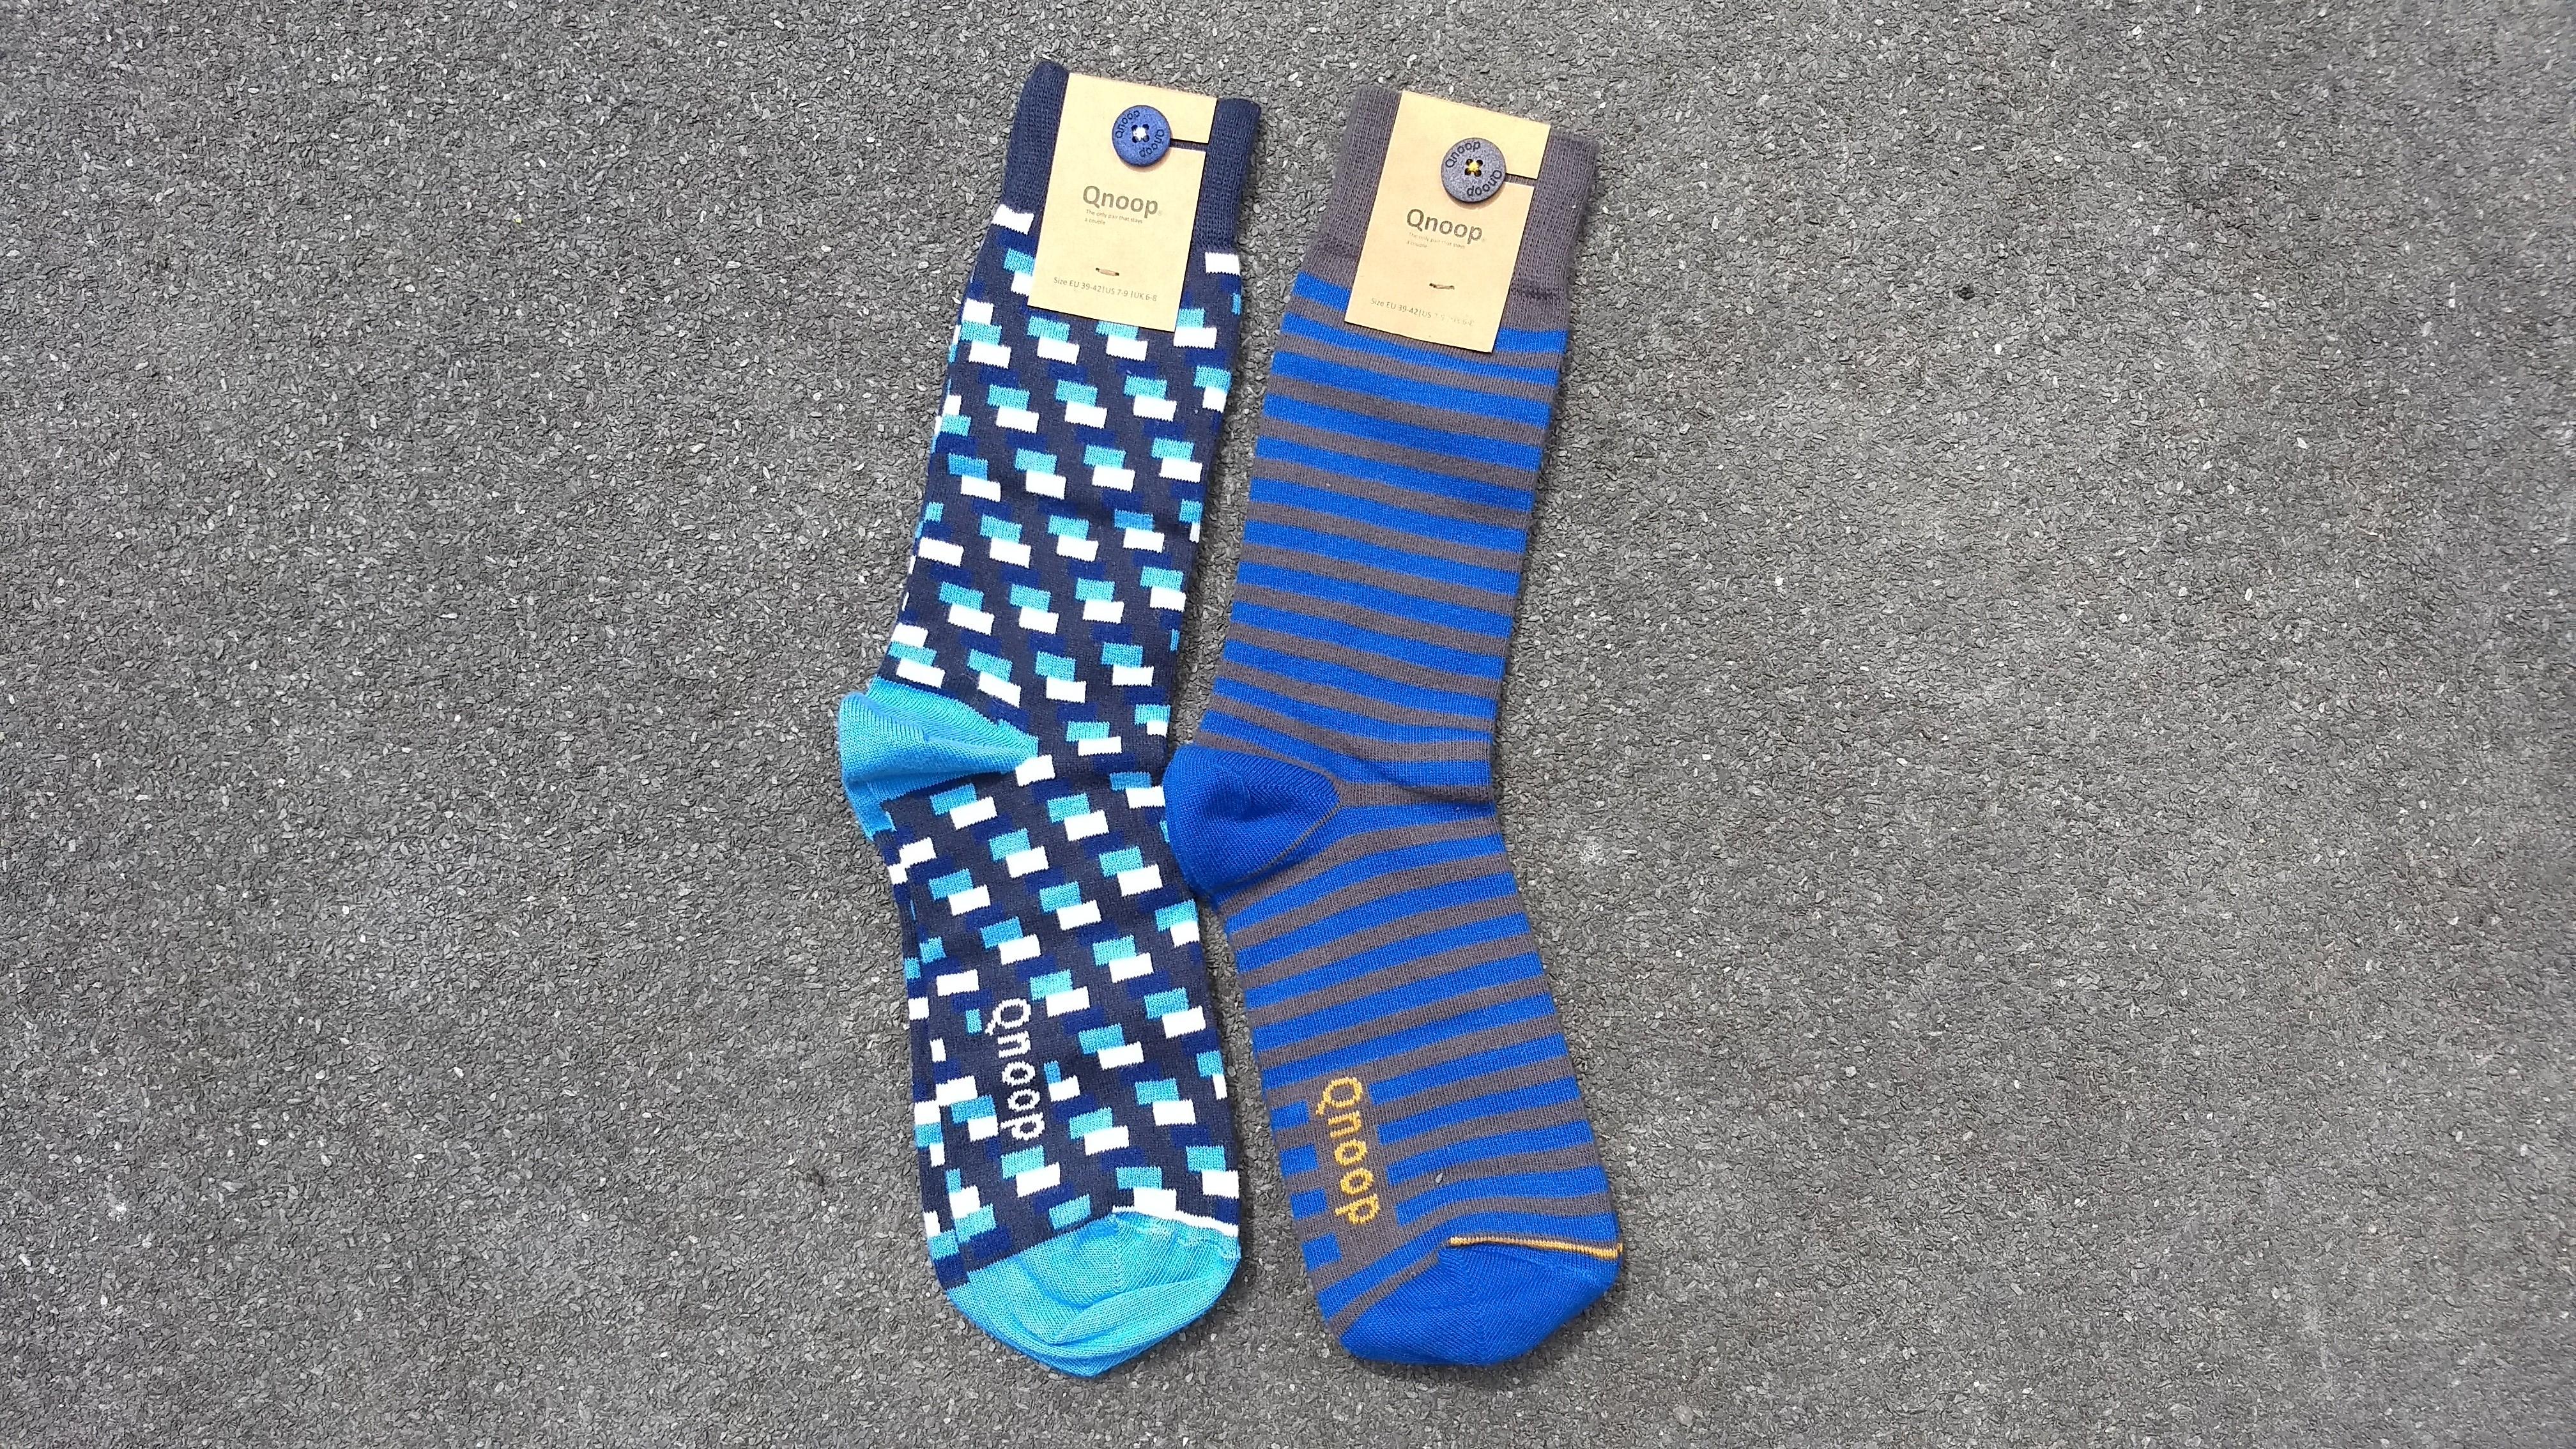 sokken Qnoop nieuw